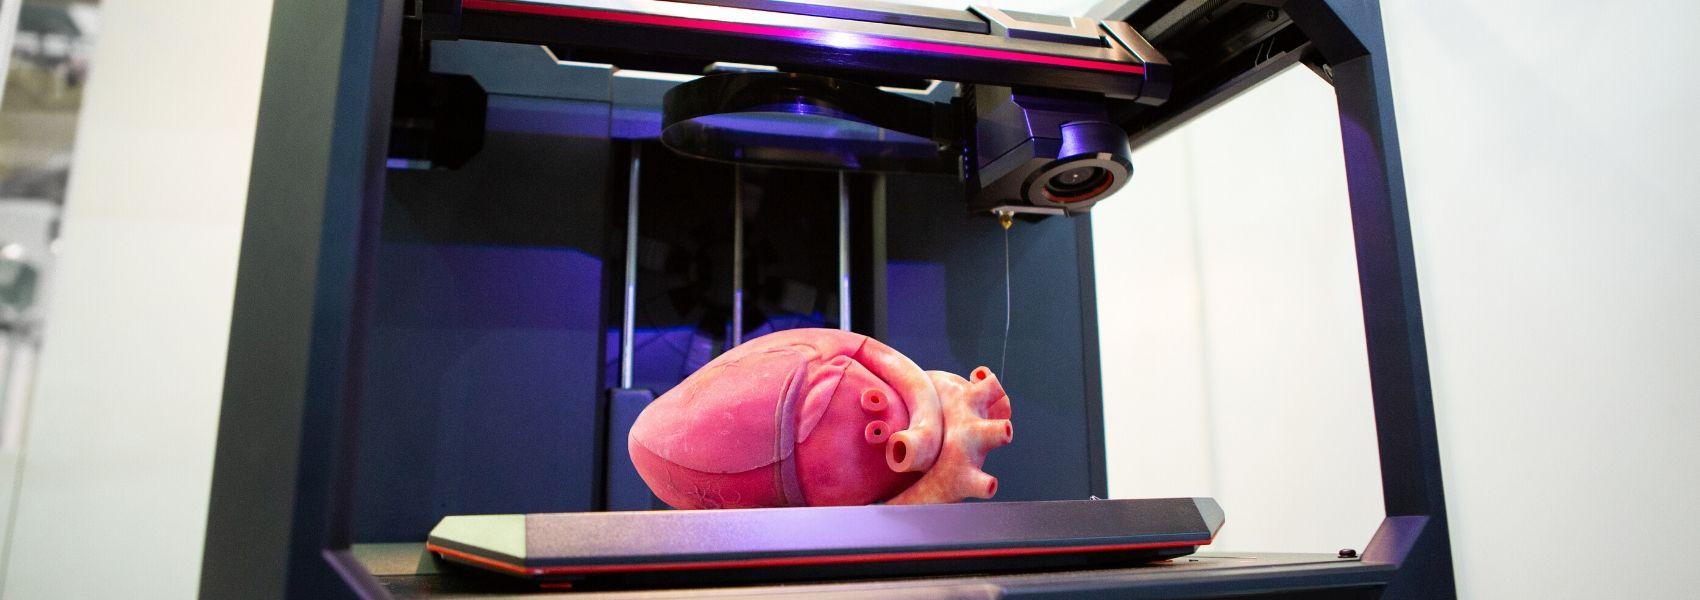 impressão de órgãos para transplante